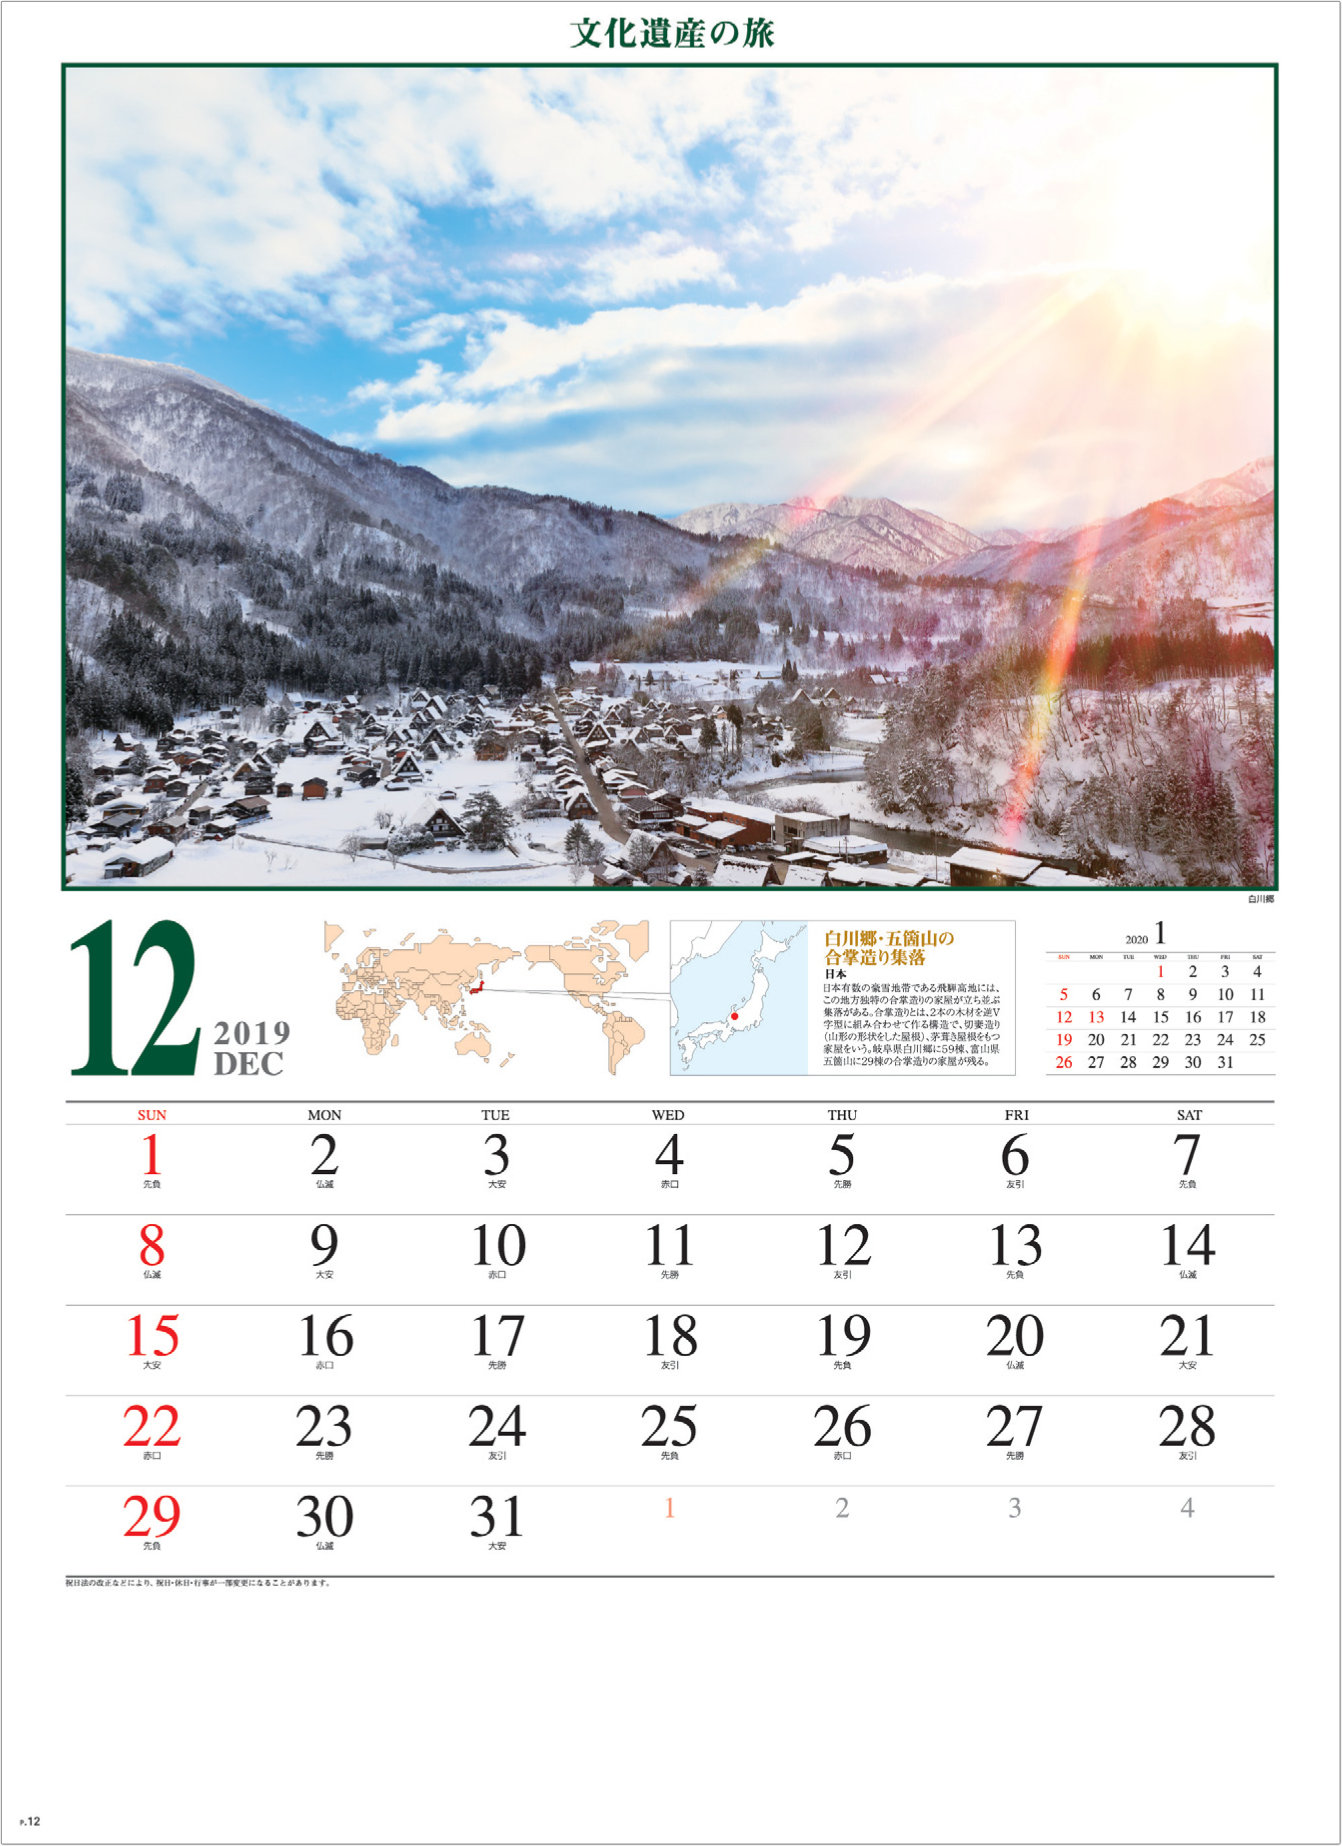 画像:日本の世界遺産 白川郷 文化遺産の旅(ユネスコ世界遺産) 2019年カレンダー